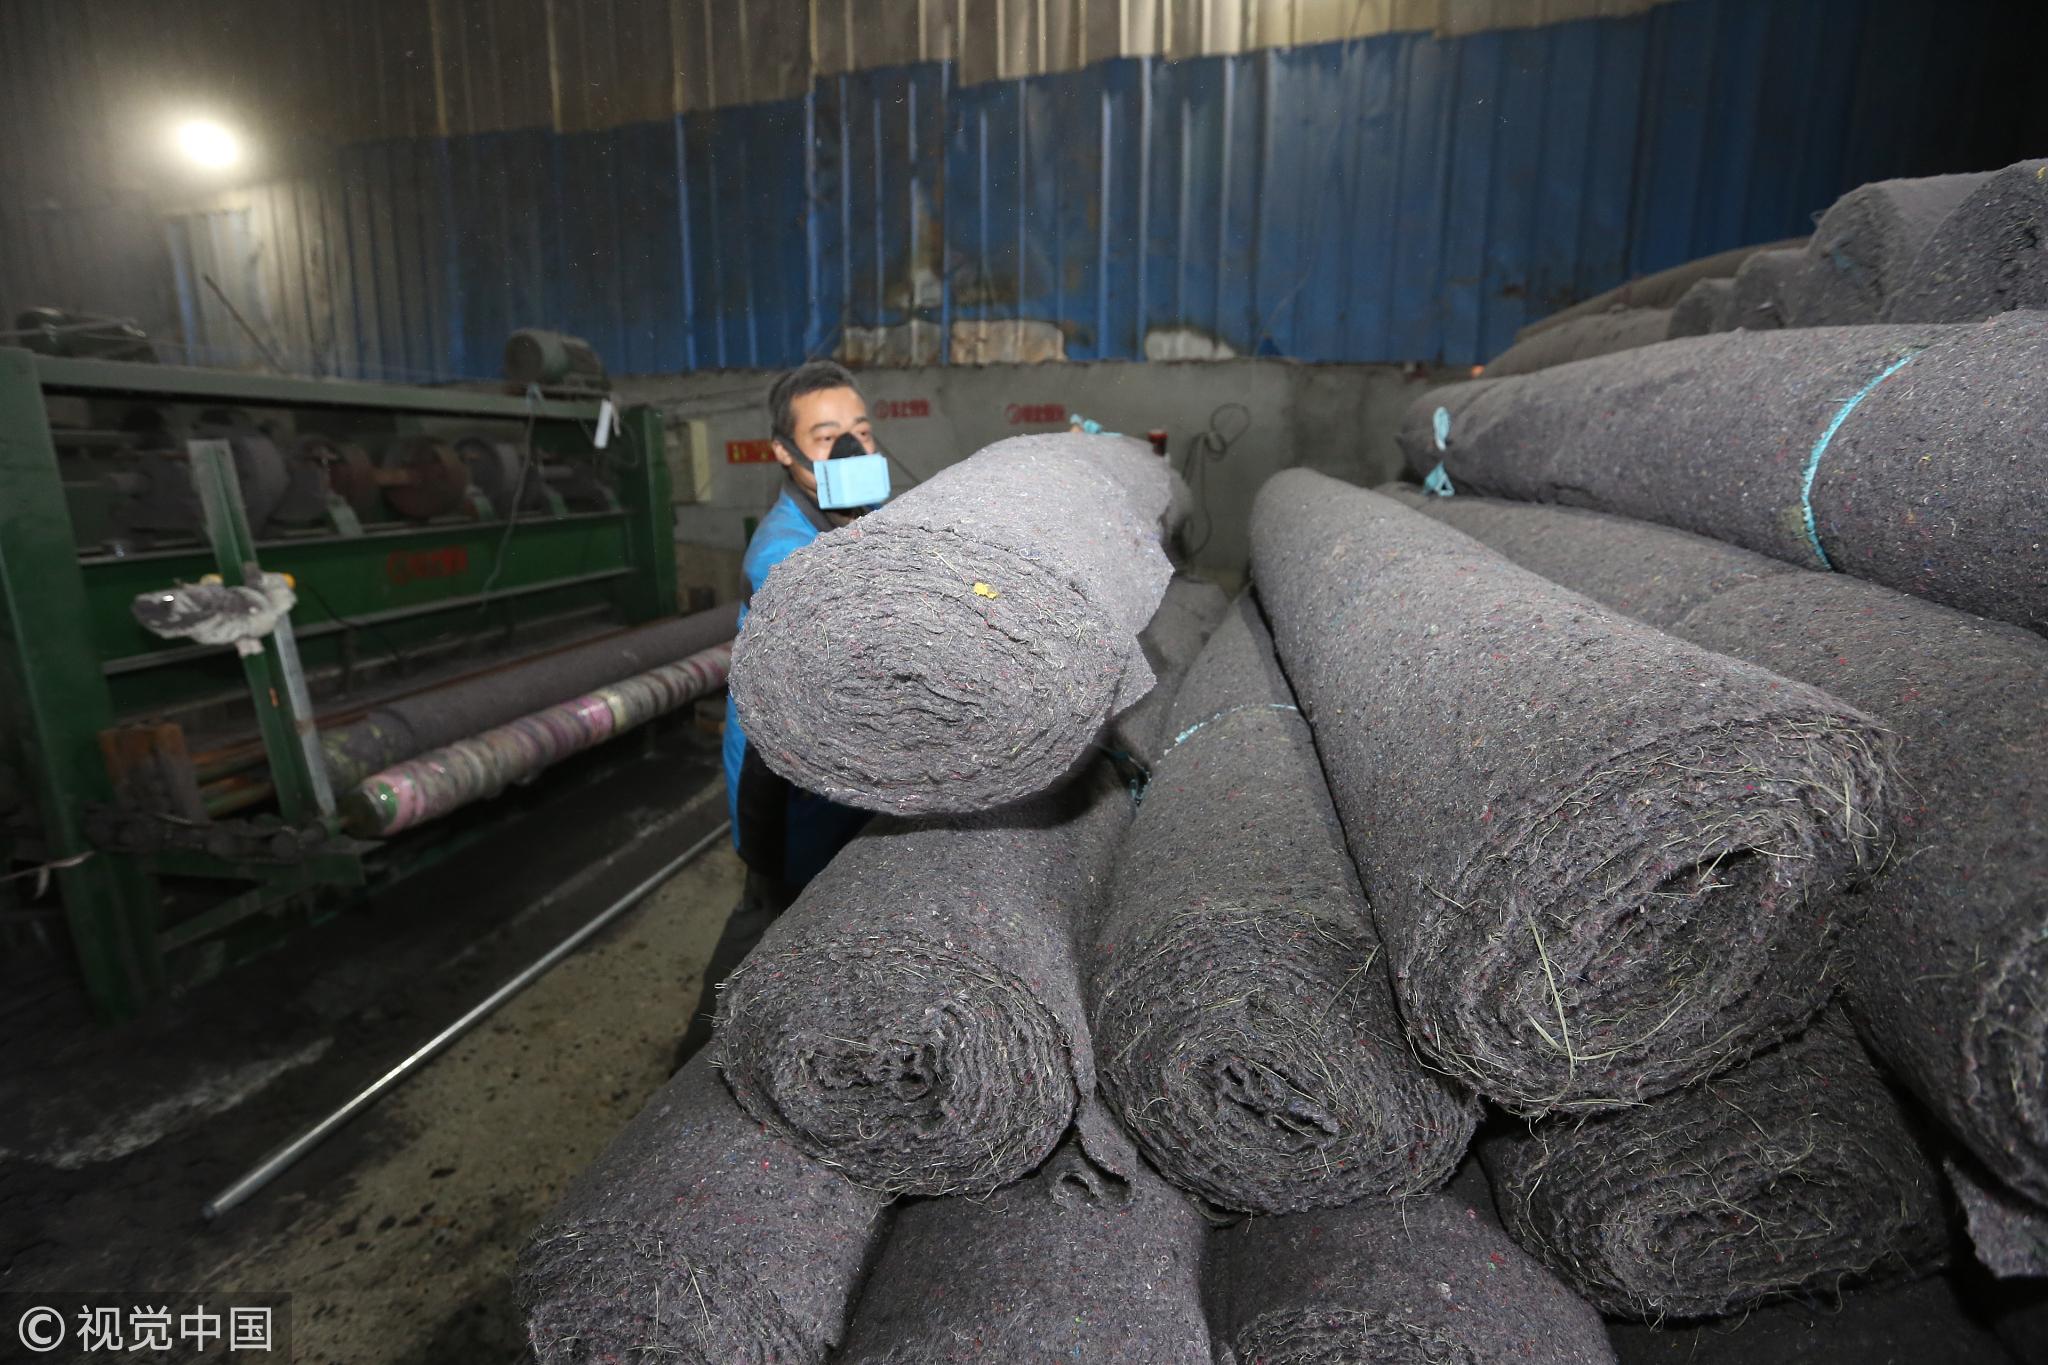 2016年10月13日,湖北省襄阳市,在分拣车间隔壁的生产车间,被淘汰的旧衣物经过粉碎、针刺等工序,变成一卷卷工业毛毡。/视觉中国